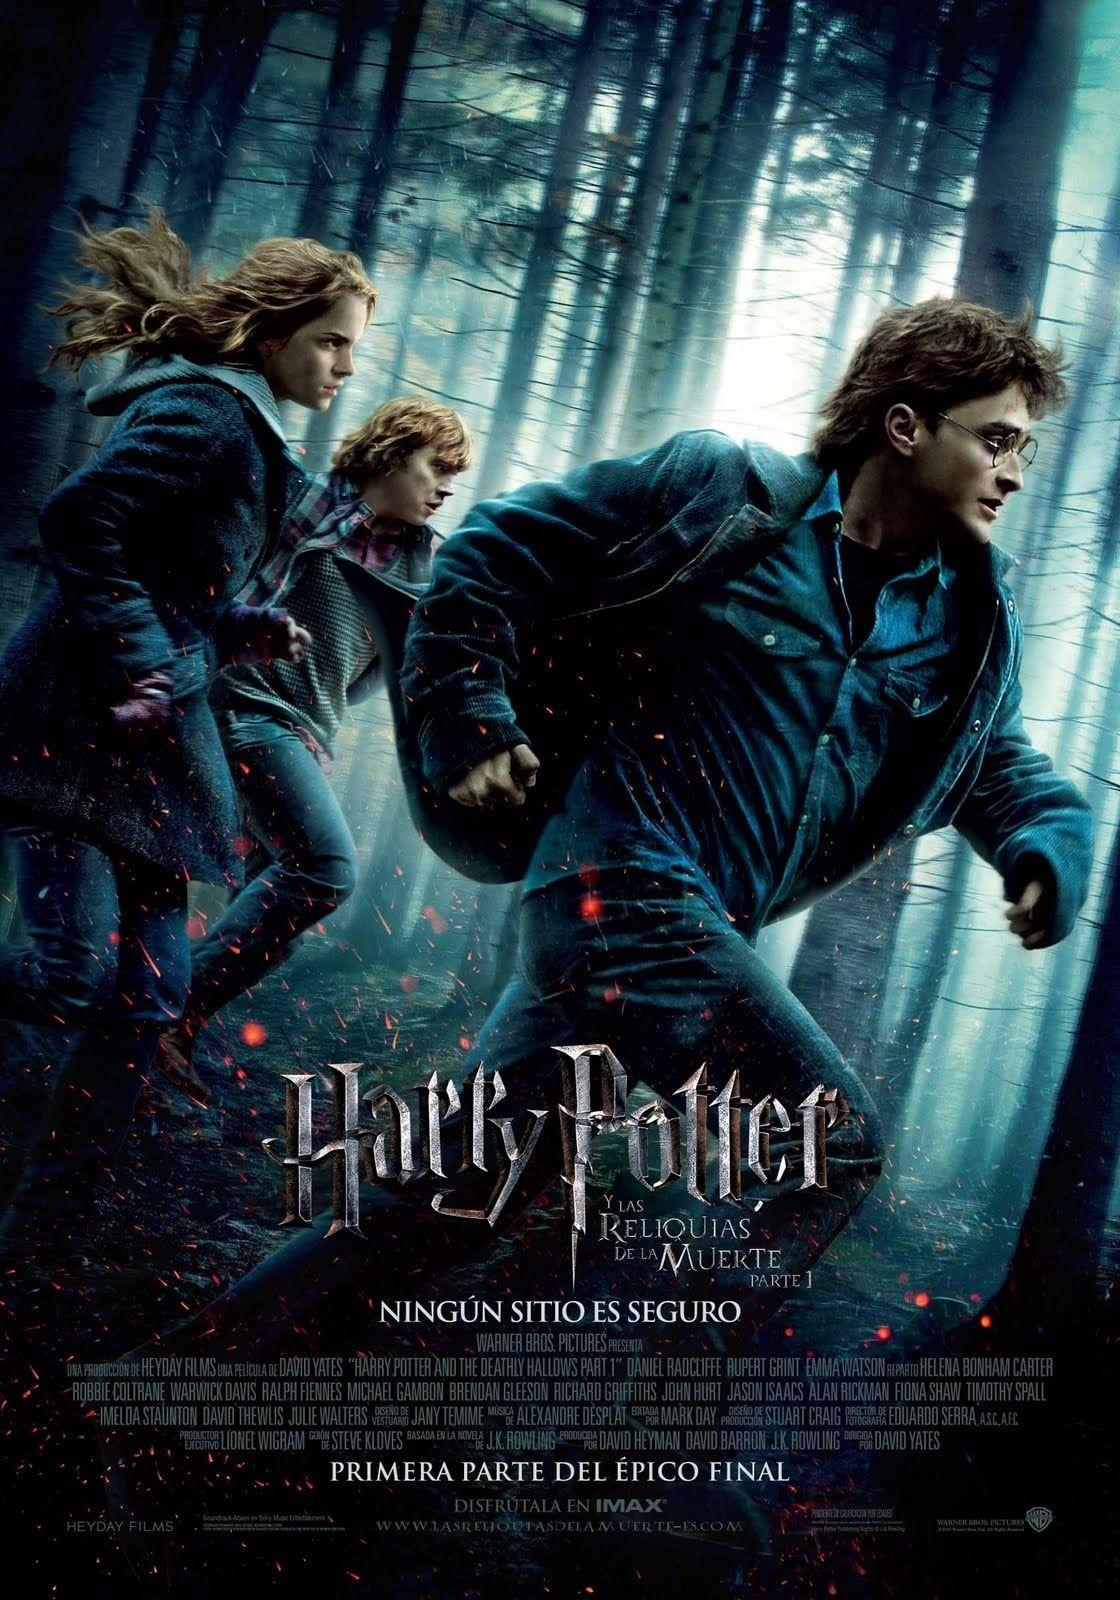 Primera Parte De La Adaptacion Al Cine Del Ultimo Libro De La Saga Harry Potter Harry Pot Harry Potter Movie Posters Harry Potter Film Deathly Hallows Part 1